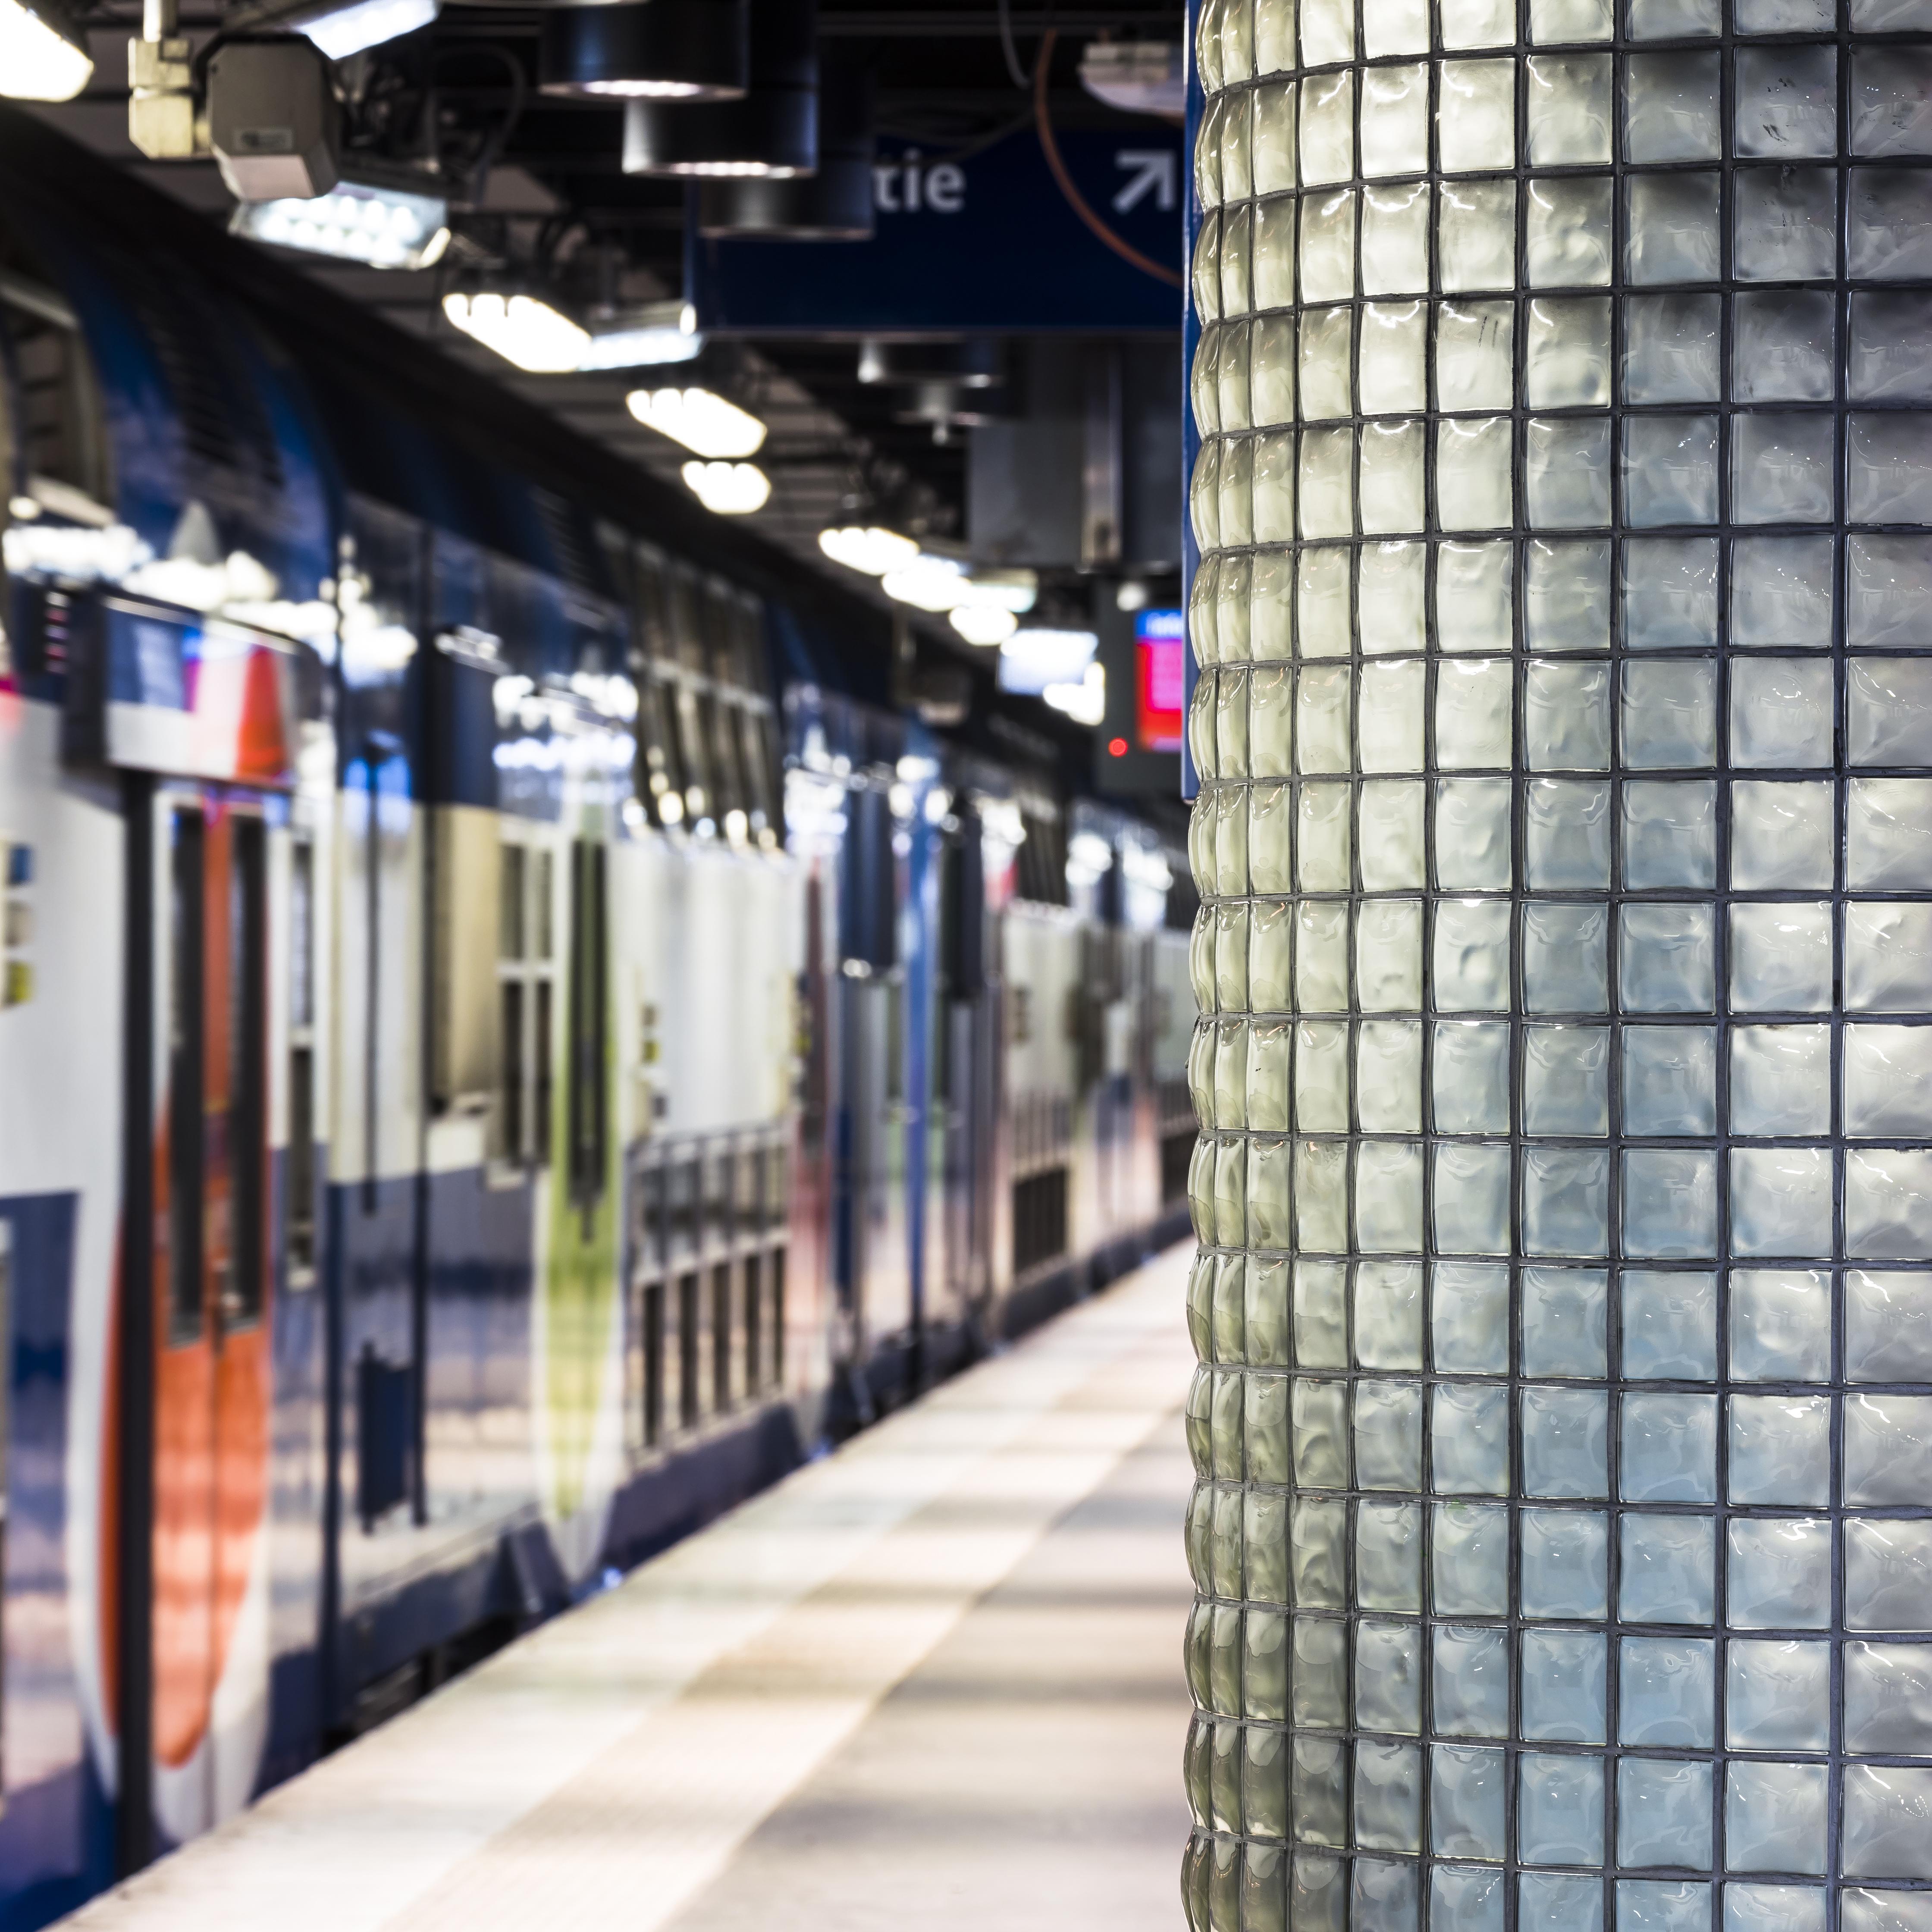 metro tiles2